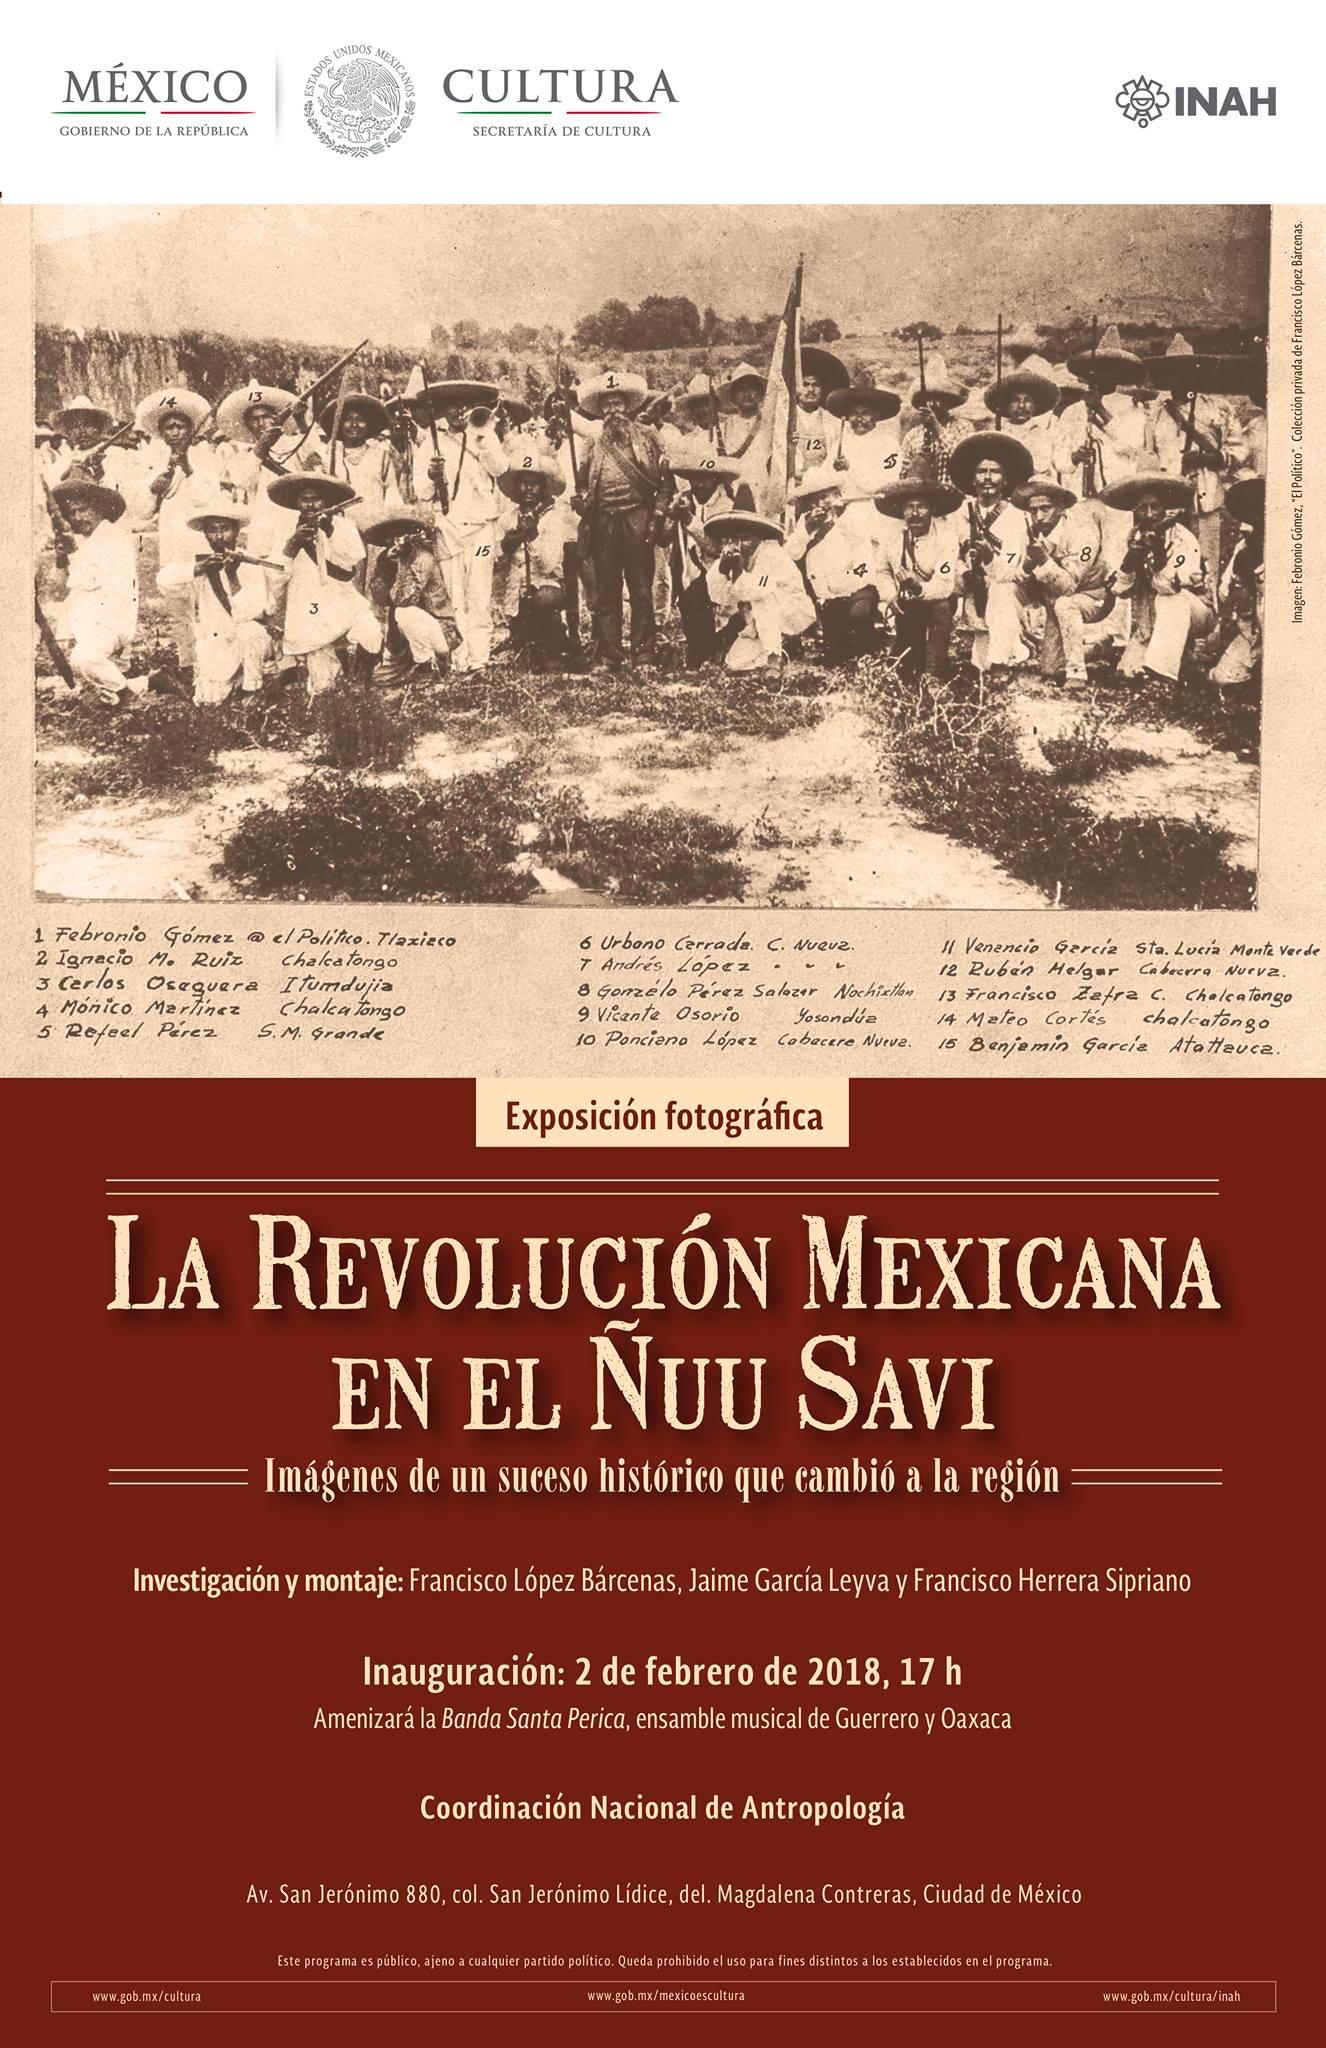 Exposición fotográfica sobre la mixteca